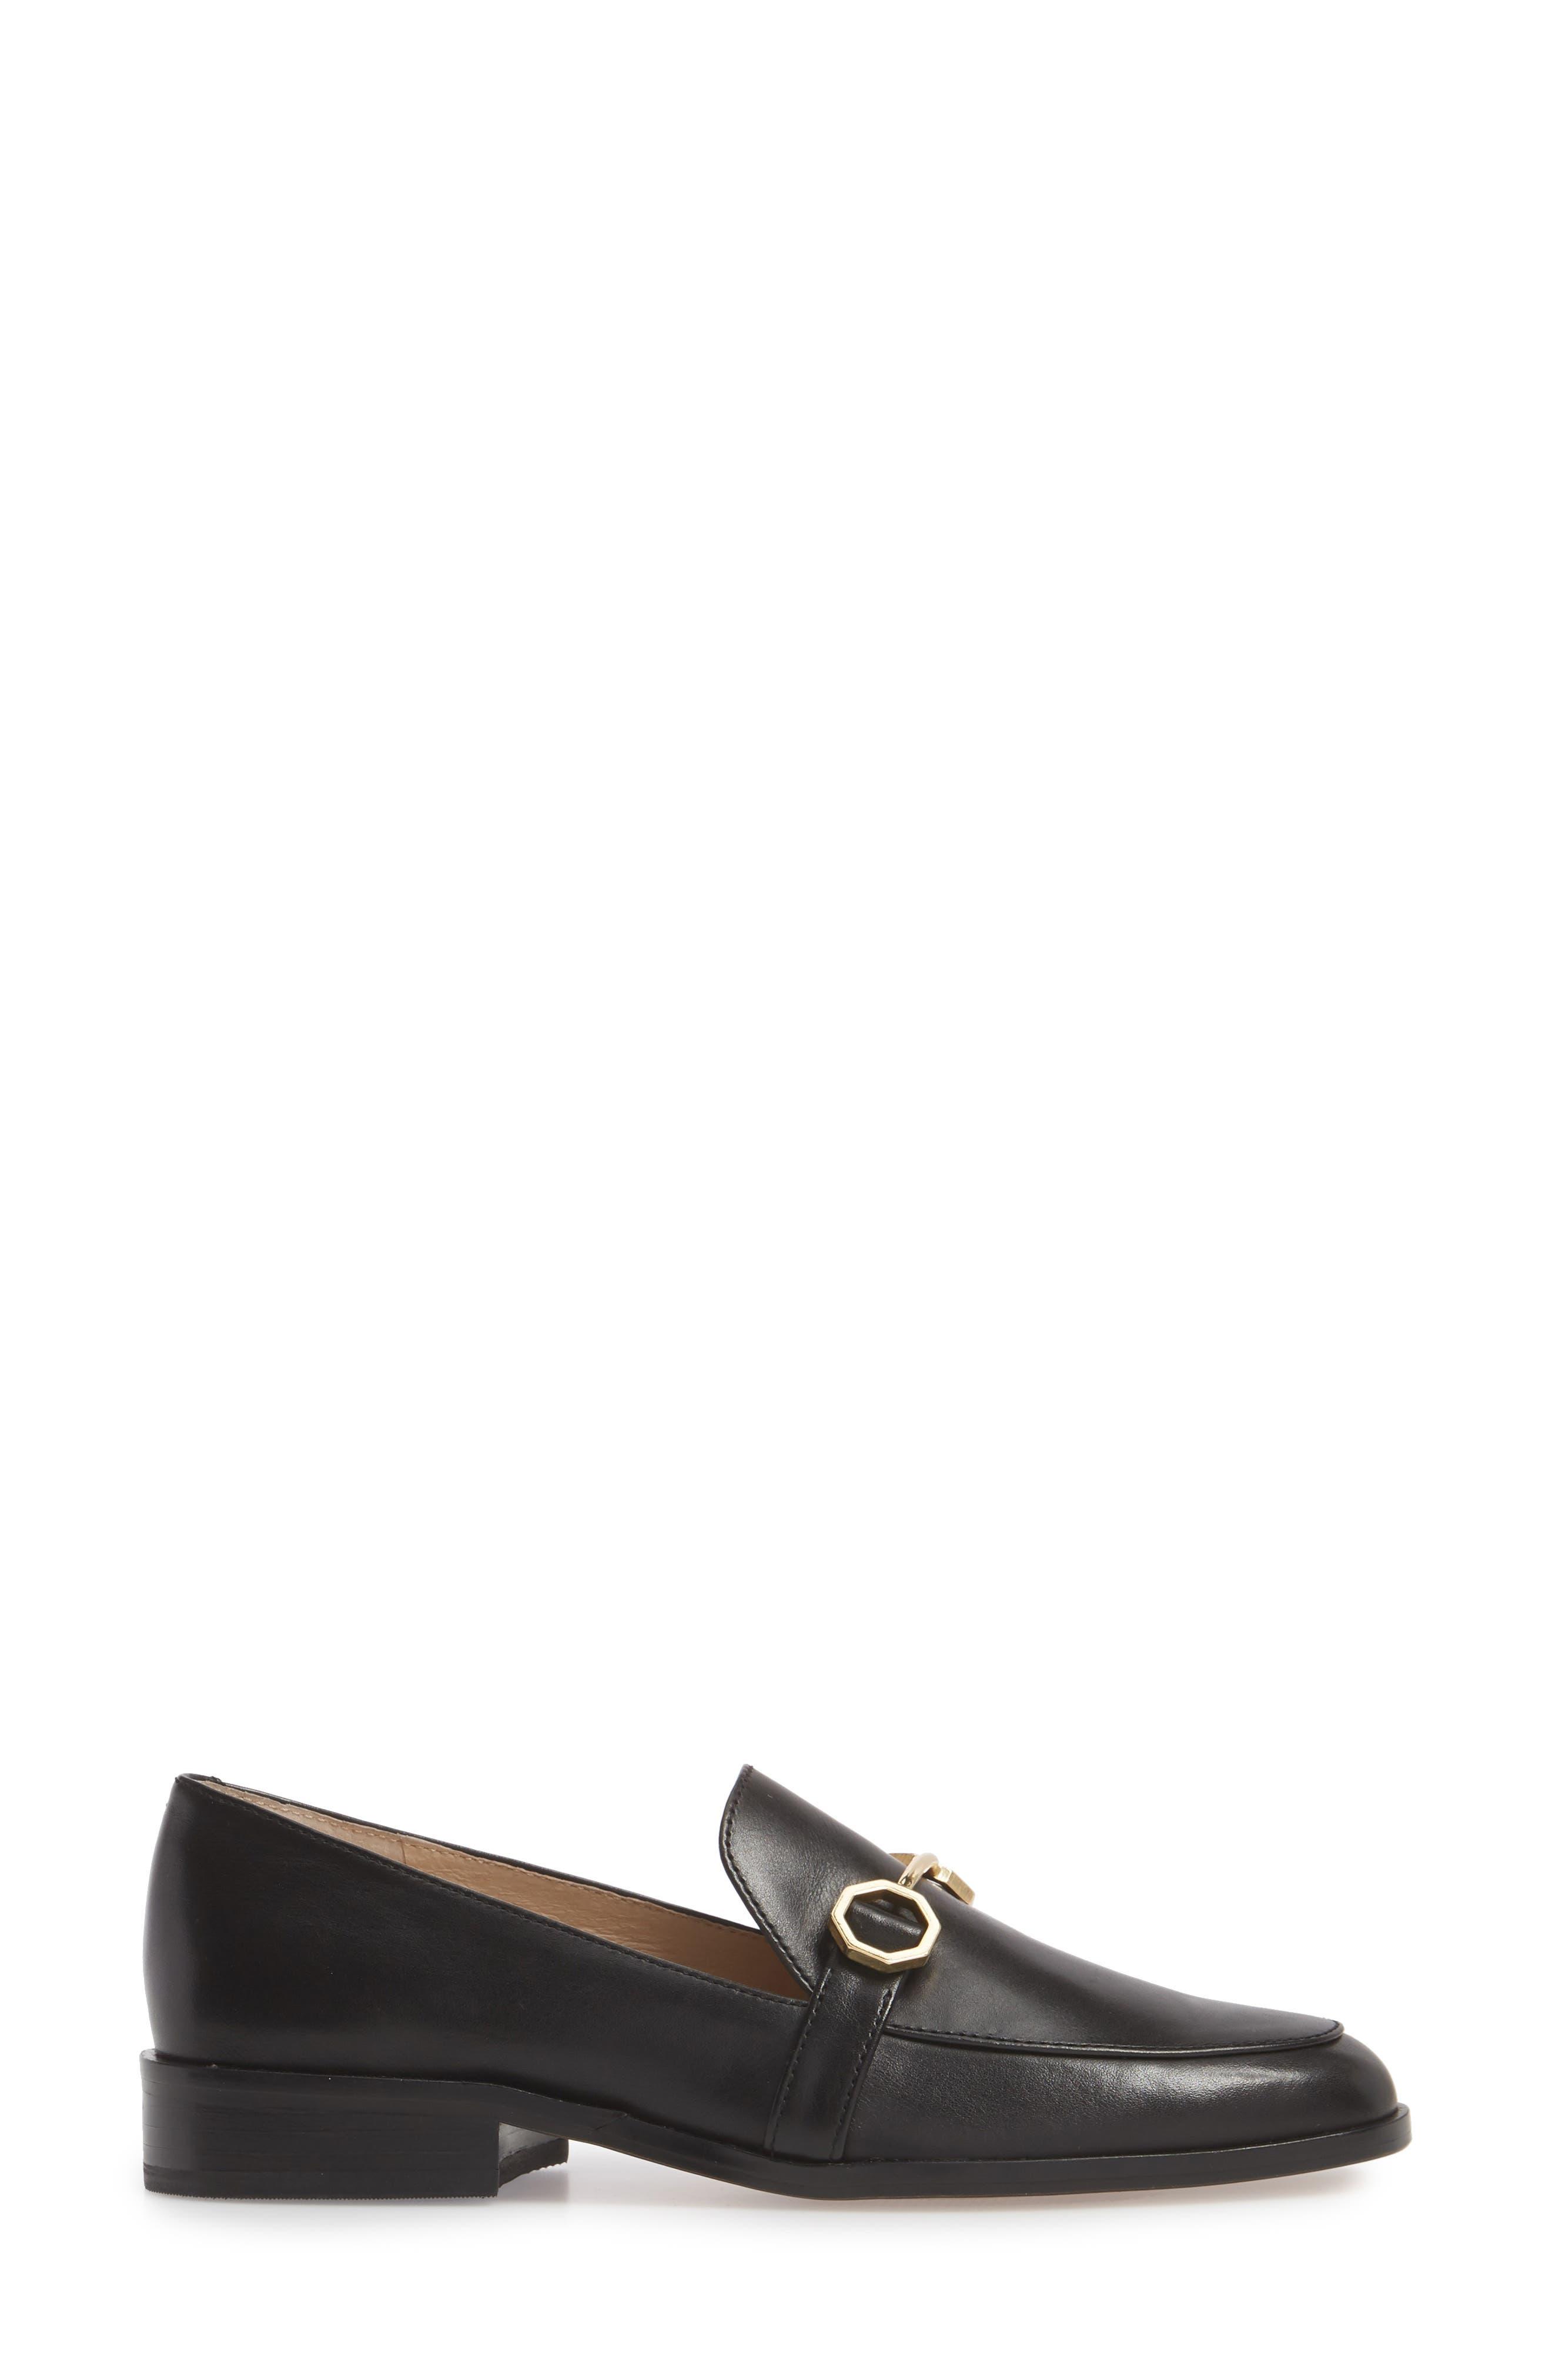 Bayne Loafer,                             Alternate thumbnail 3, color,                             Black Leather